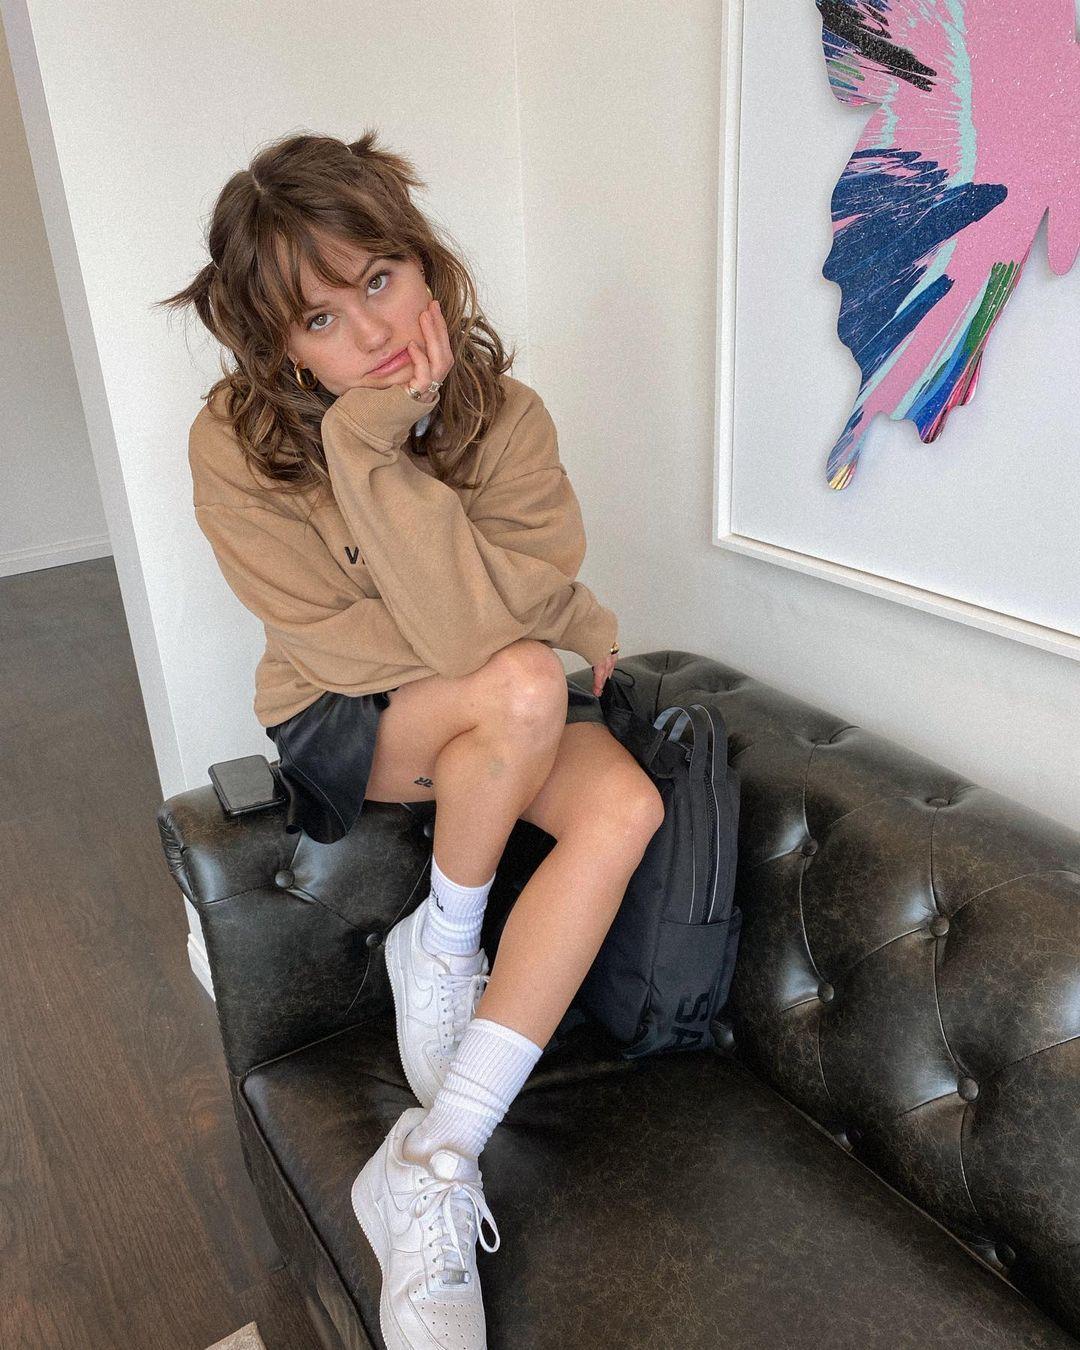 La actriz Debby Ryan luciendo su corte de pelo lobo o wolf cut, mezcla del mullet y del shag, pura tendencia este verano.